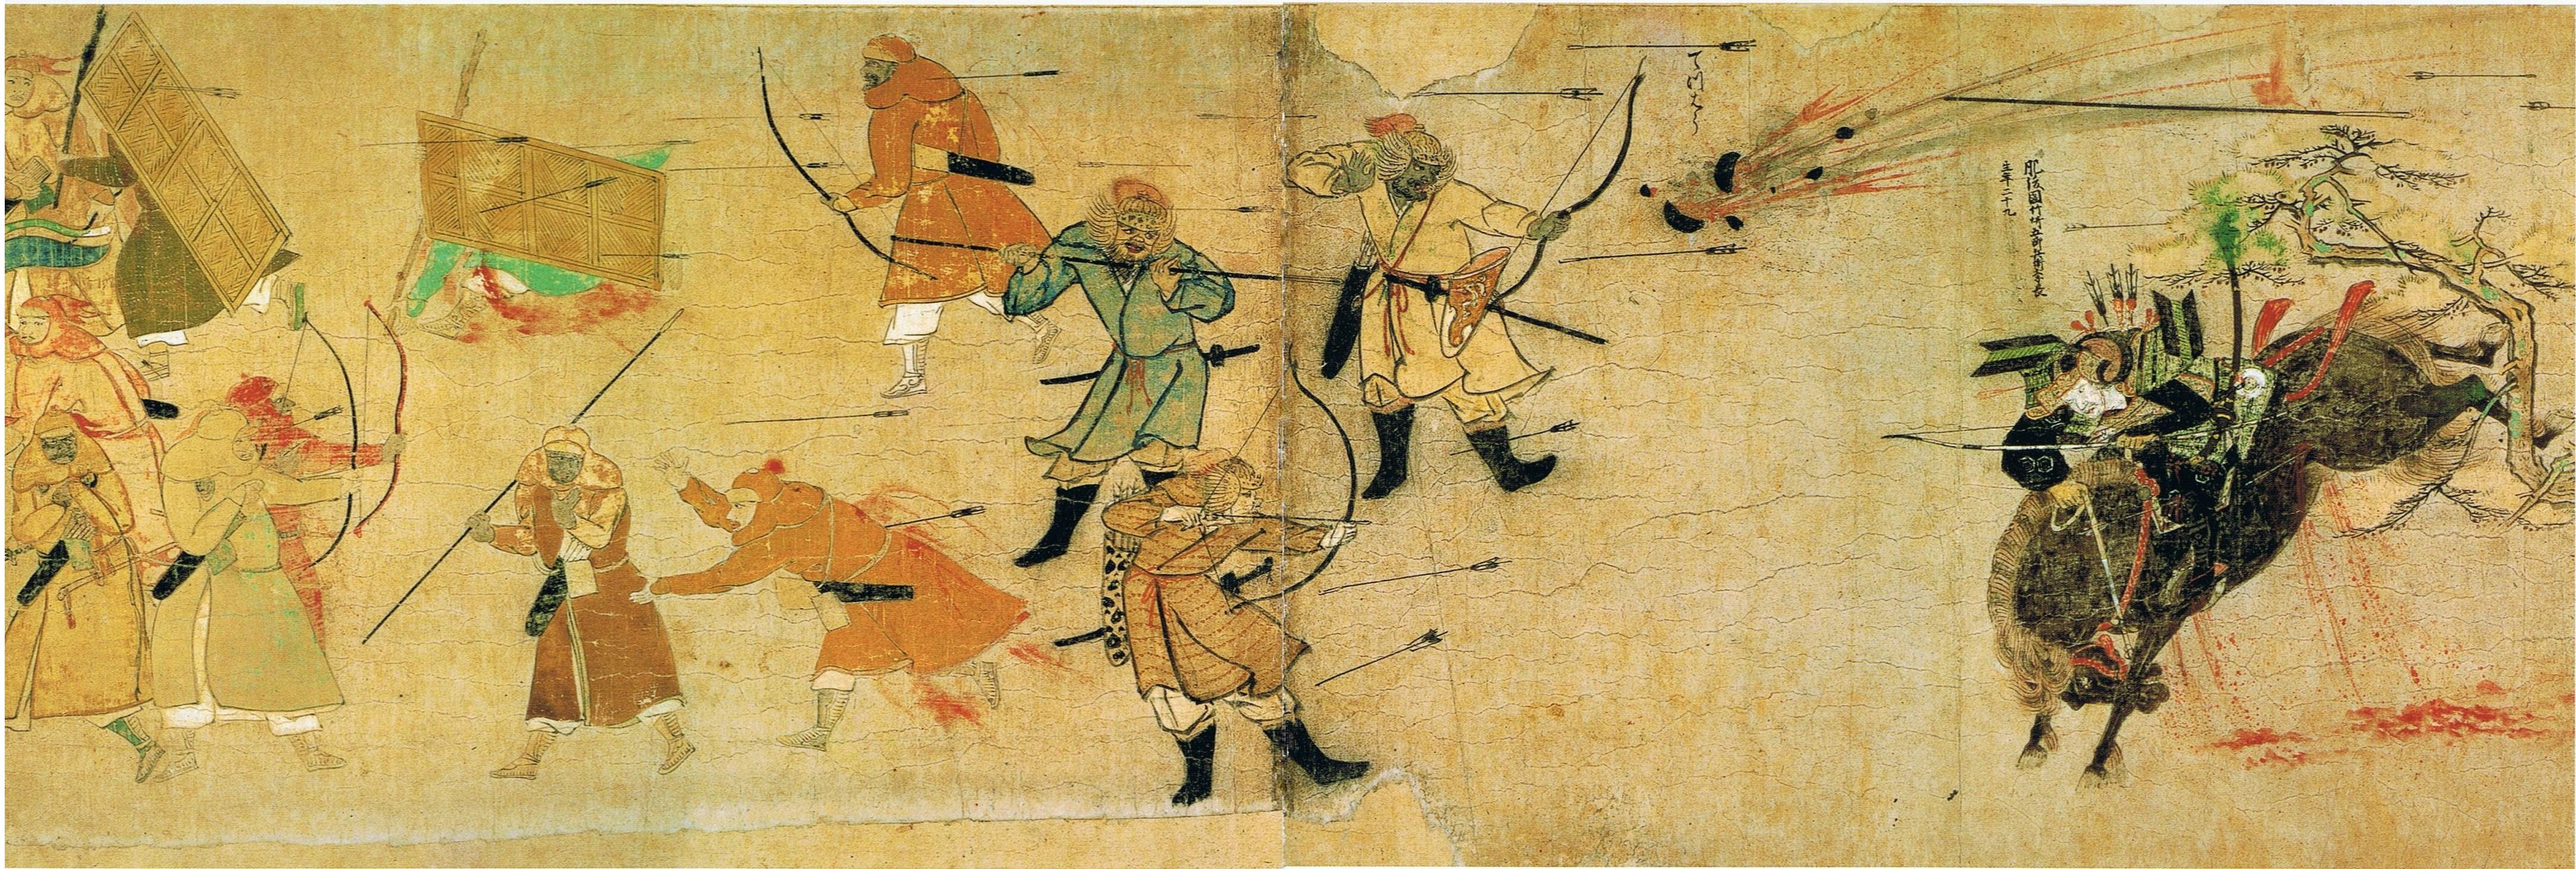 Les troupes japonaises repoussant l'invasion mongole